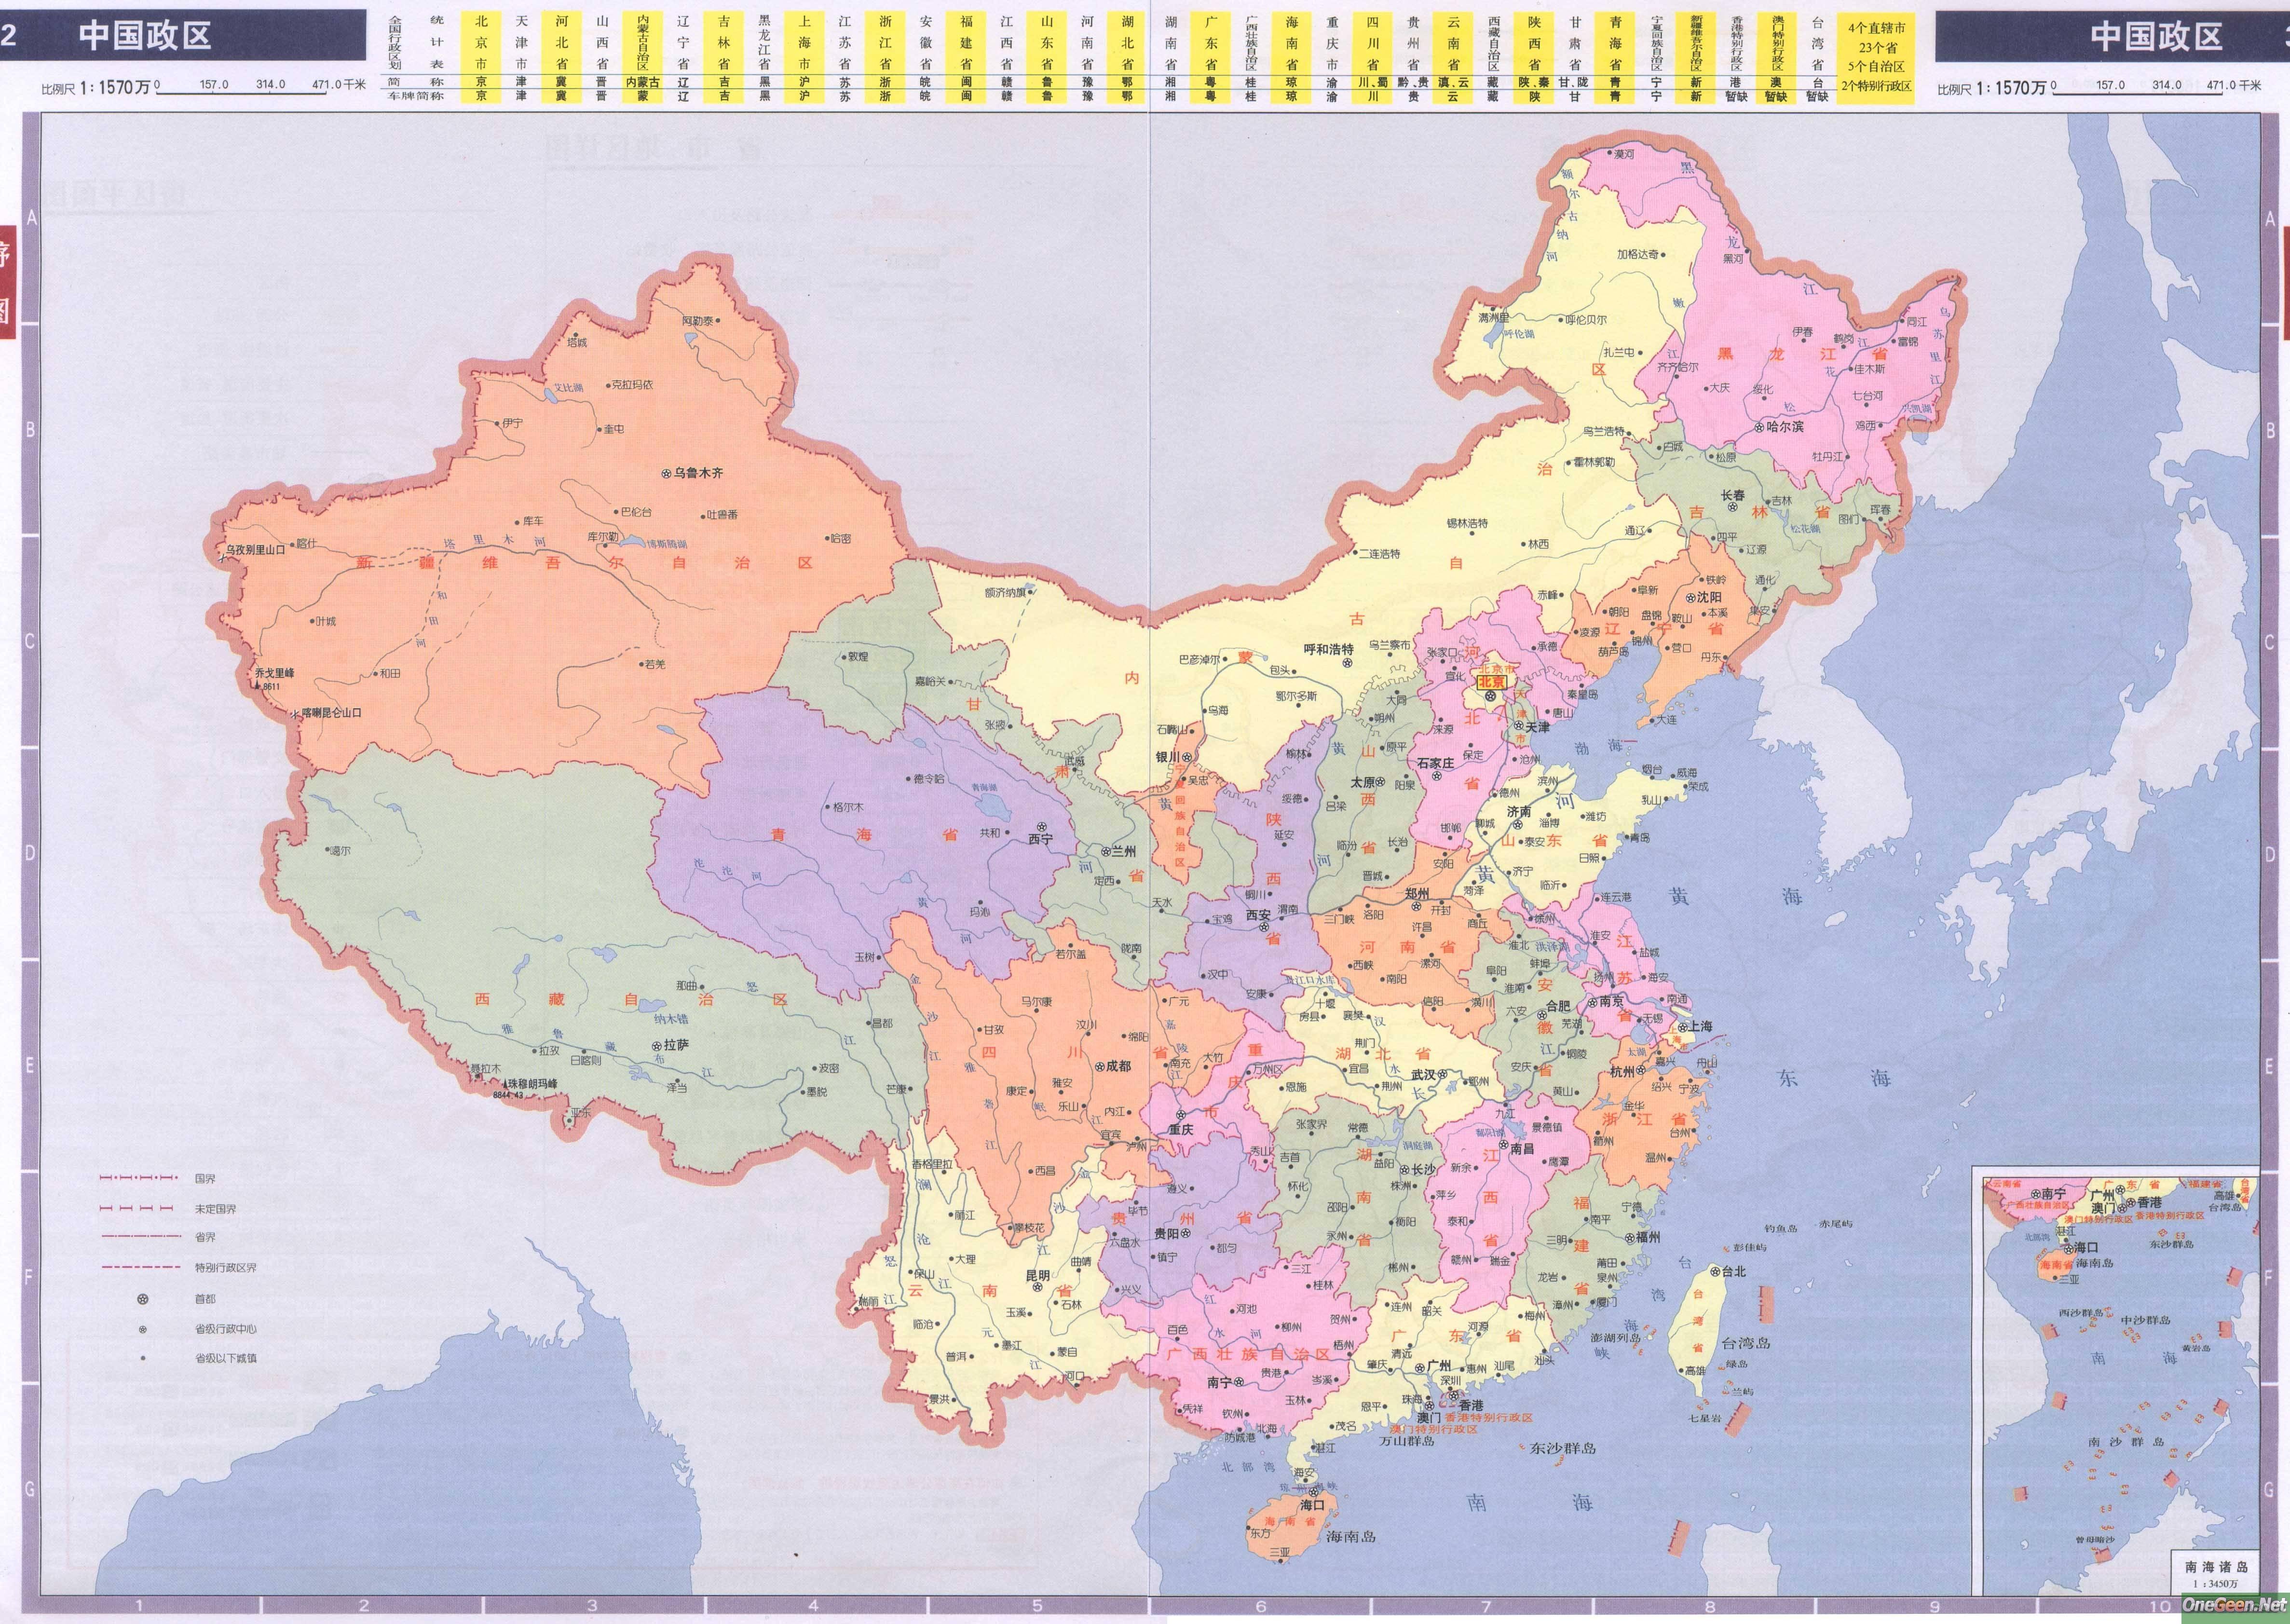 中国行政地图_中国行政区划地图图片